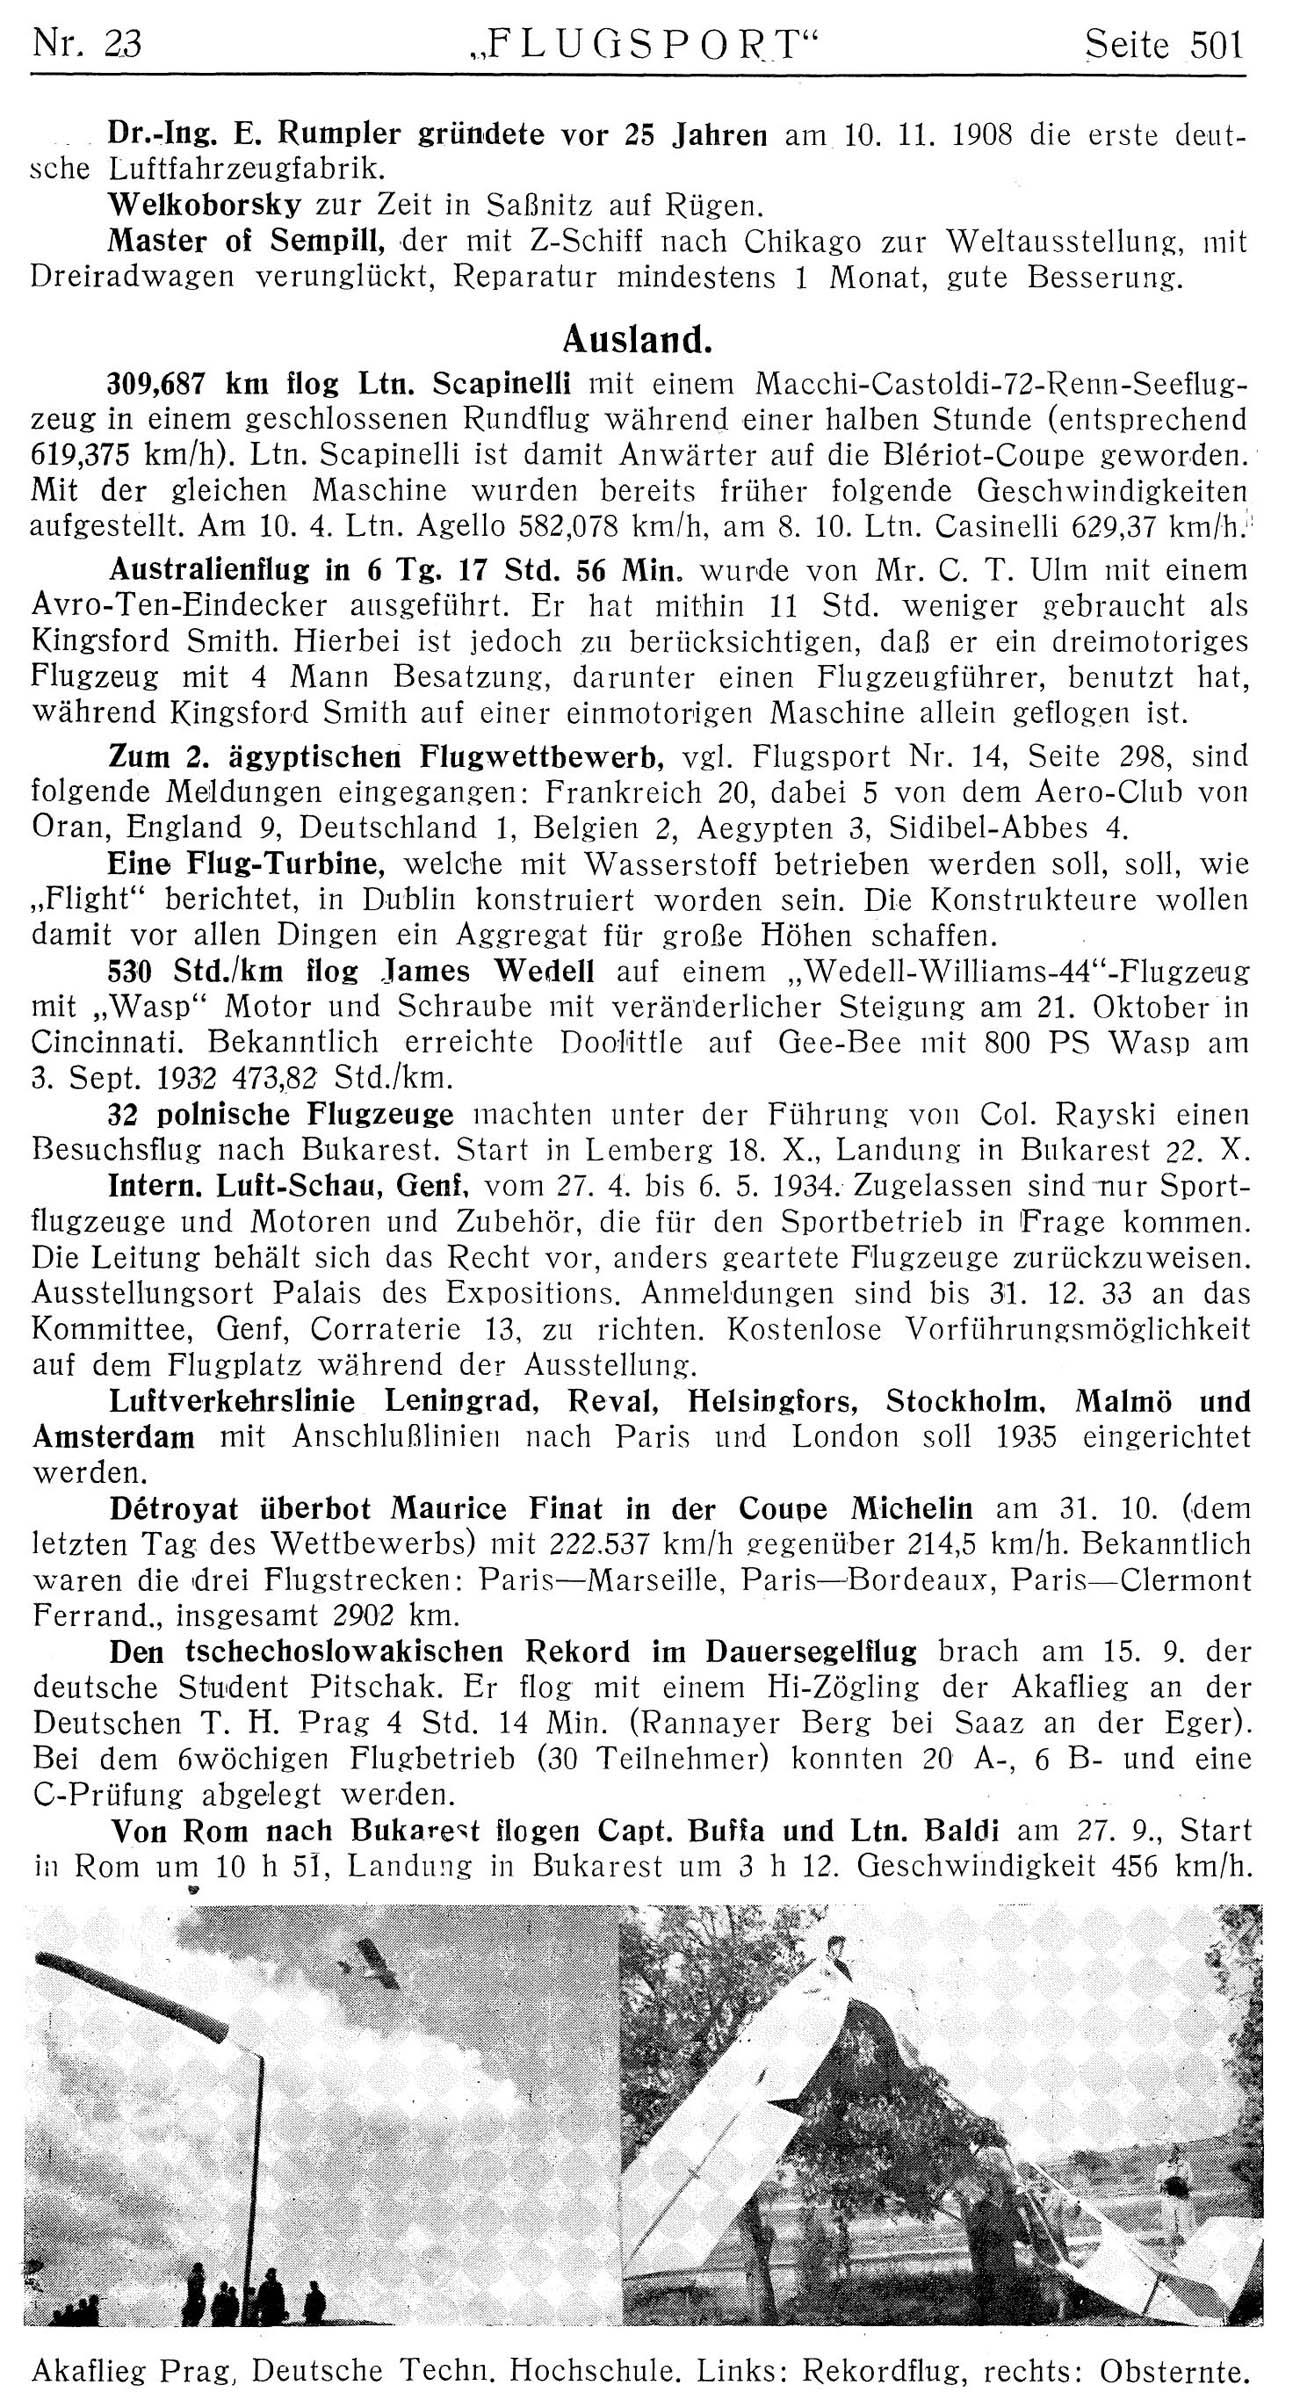 Leseprobe Zeitschrift Flugsport vom 8. November 1933